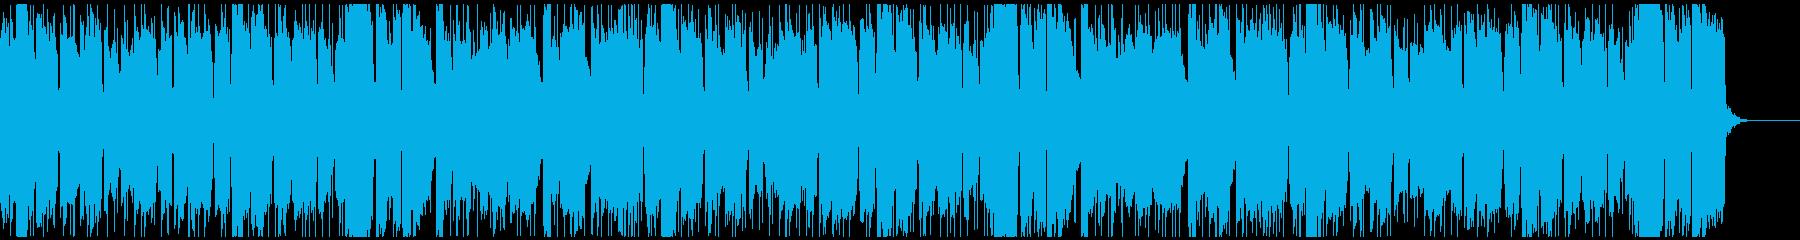 ソプラノサックスの日常的なポップスの再生済みの波形